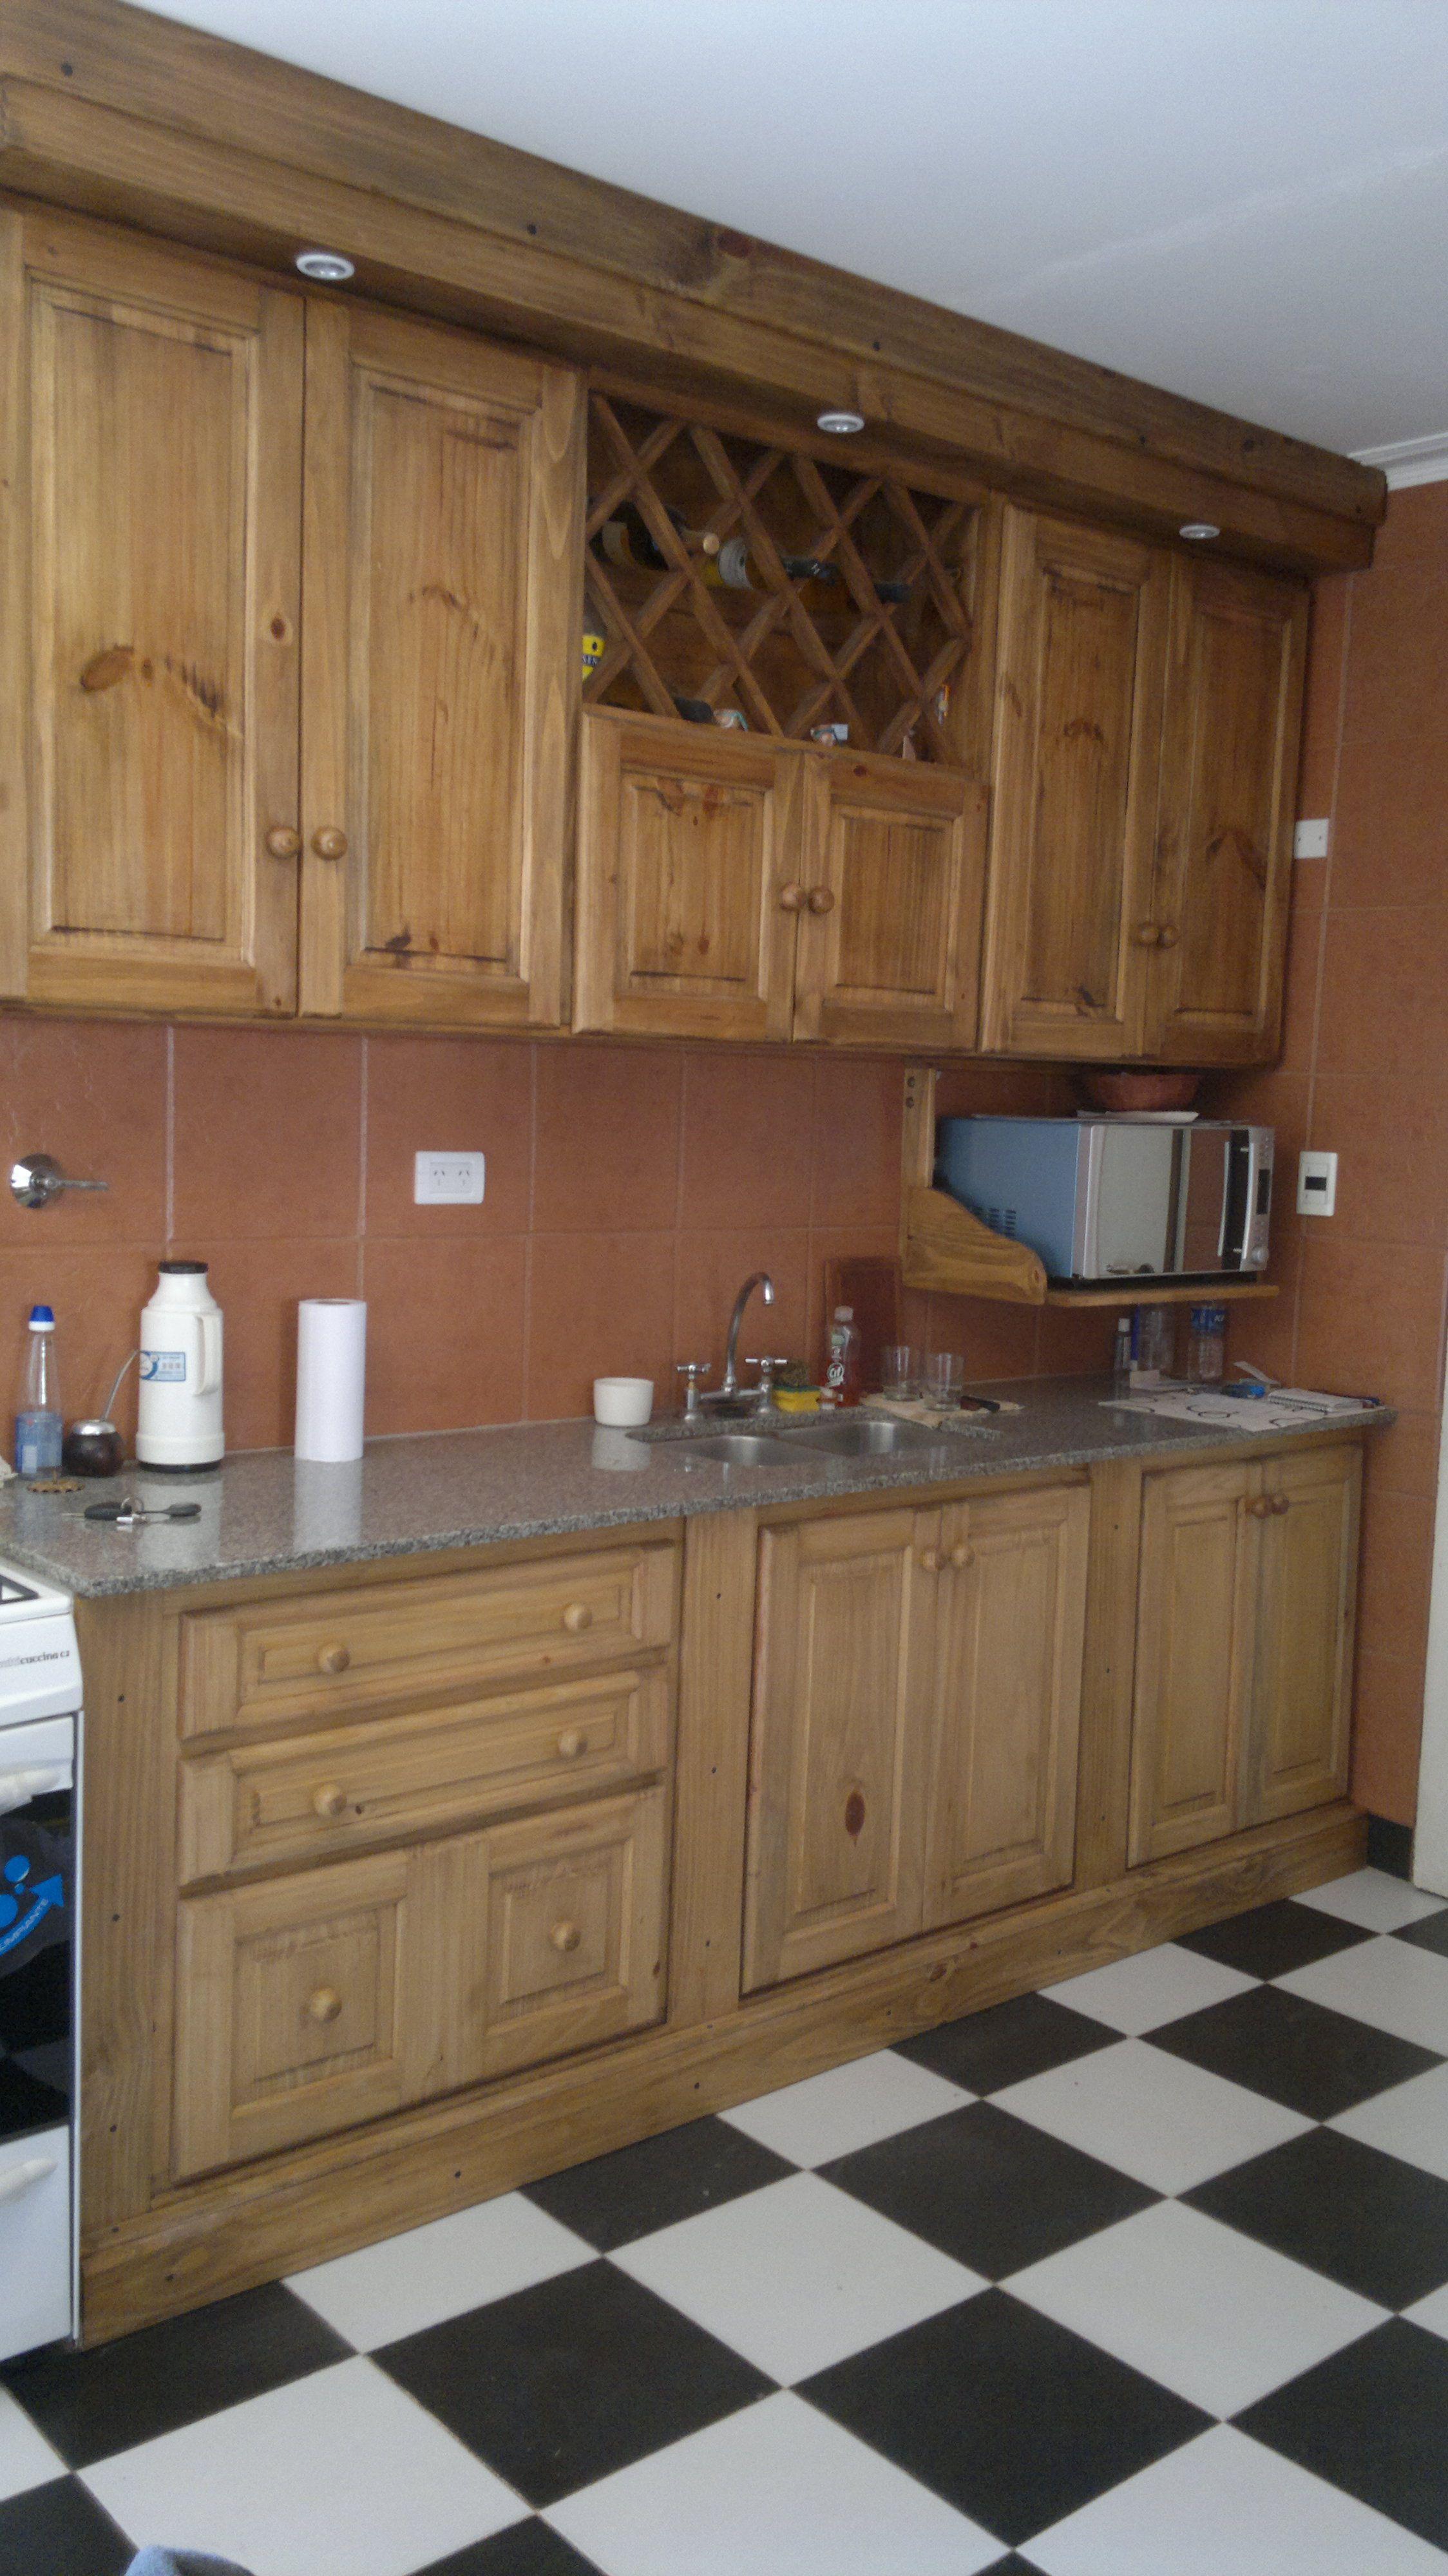 Cocina Amoblada Con Nuestros Muebles De Cocina Decoraci N De  # Tutto Muebles Qro